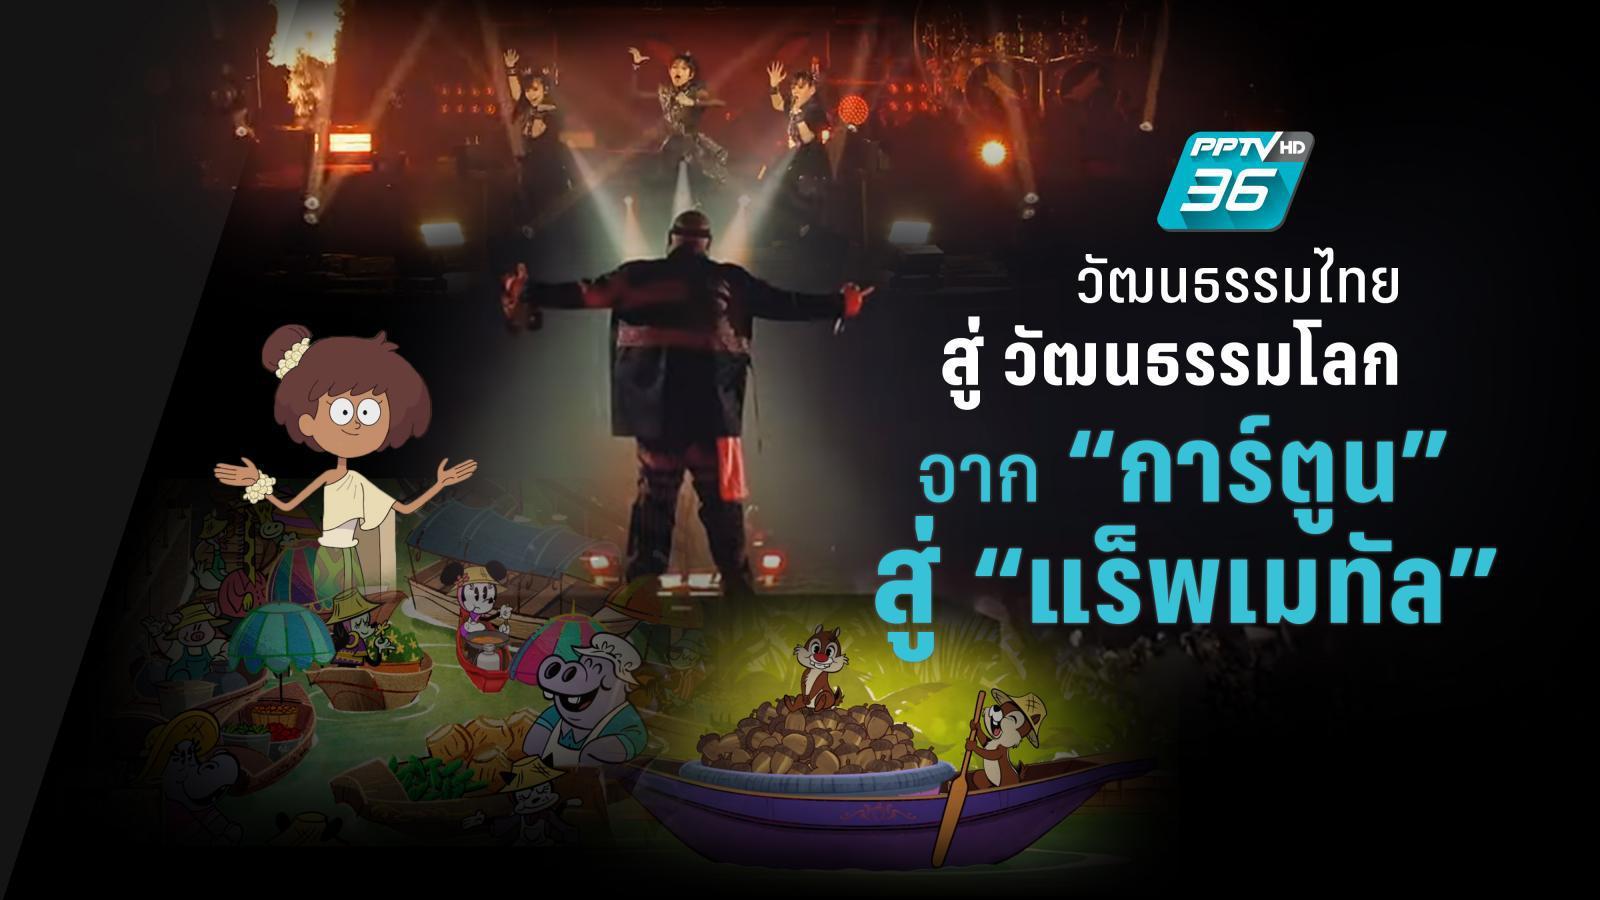 """วัฒนธรรมไทย สู่ วัฒนธรรมโลก   จาก """"การ์ตูน"""" สู่ """"แร็พเมทัล"""""""